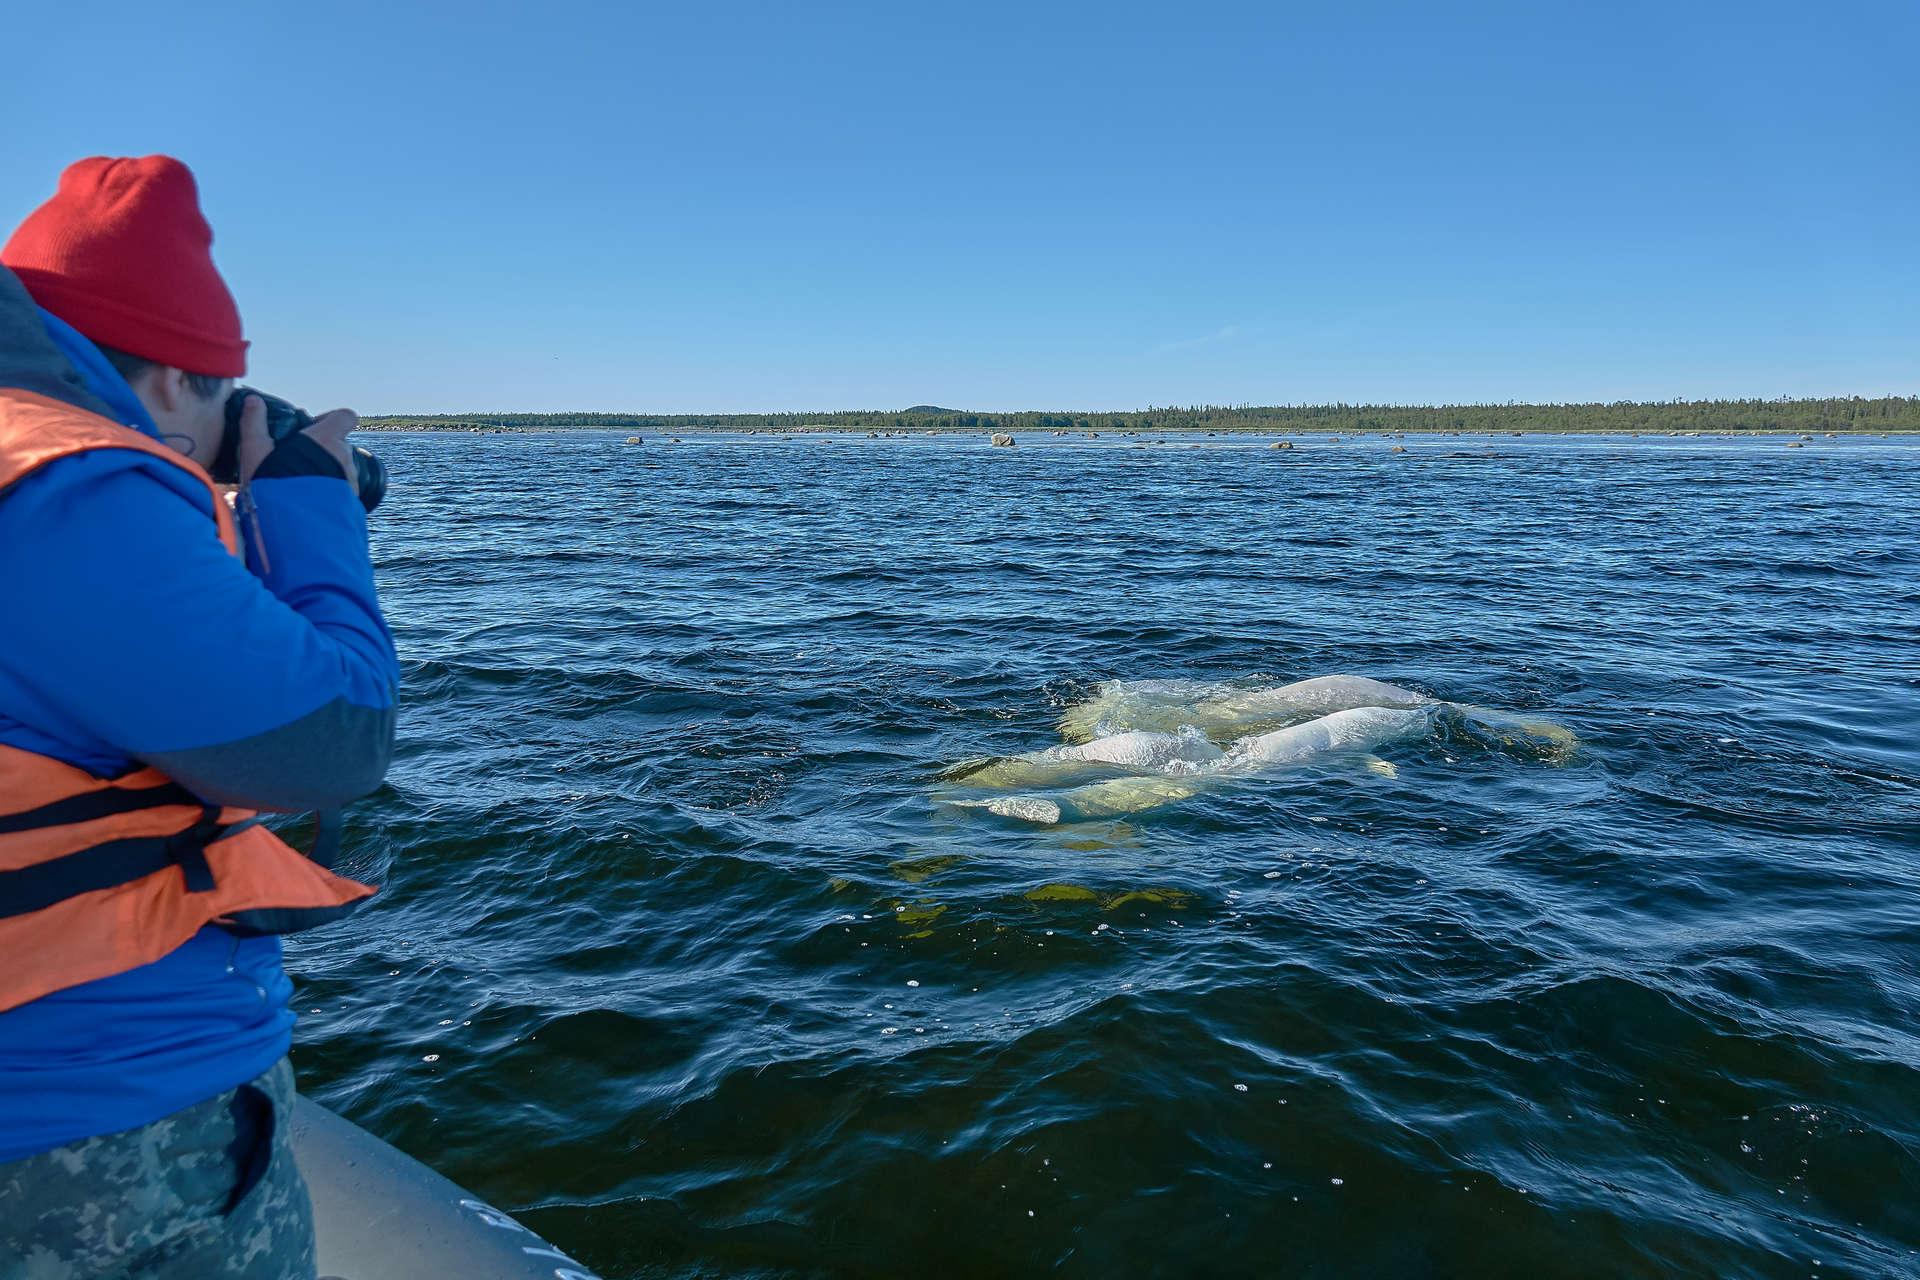 Соловецкие острова: белухи, тюлени и прогулки с зоологом